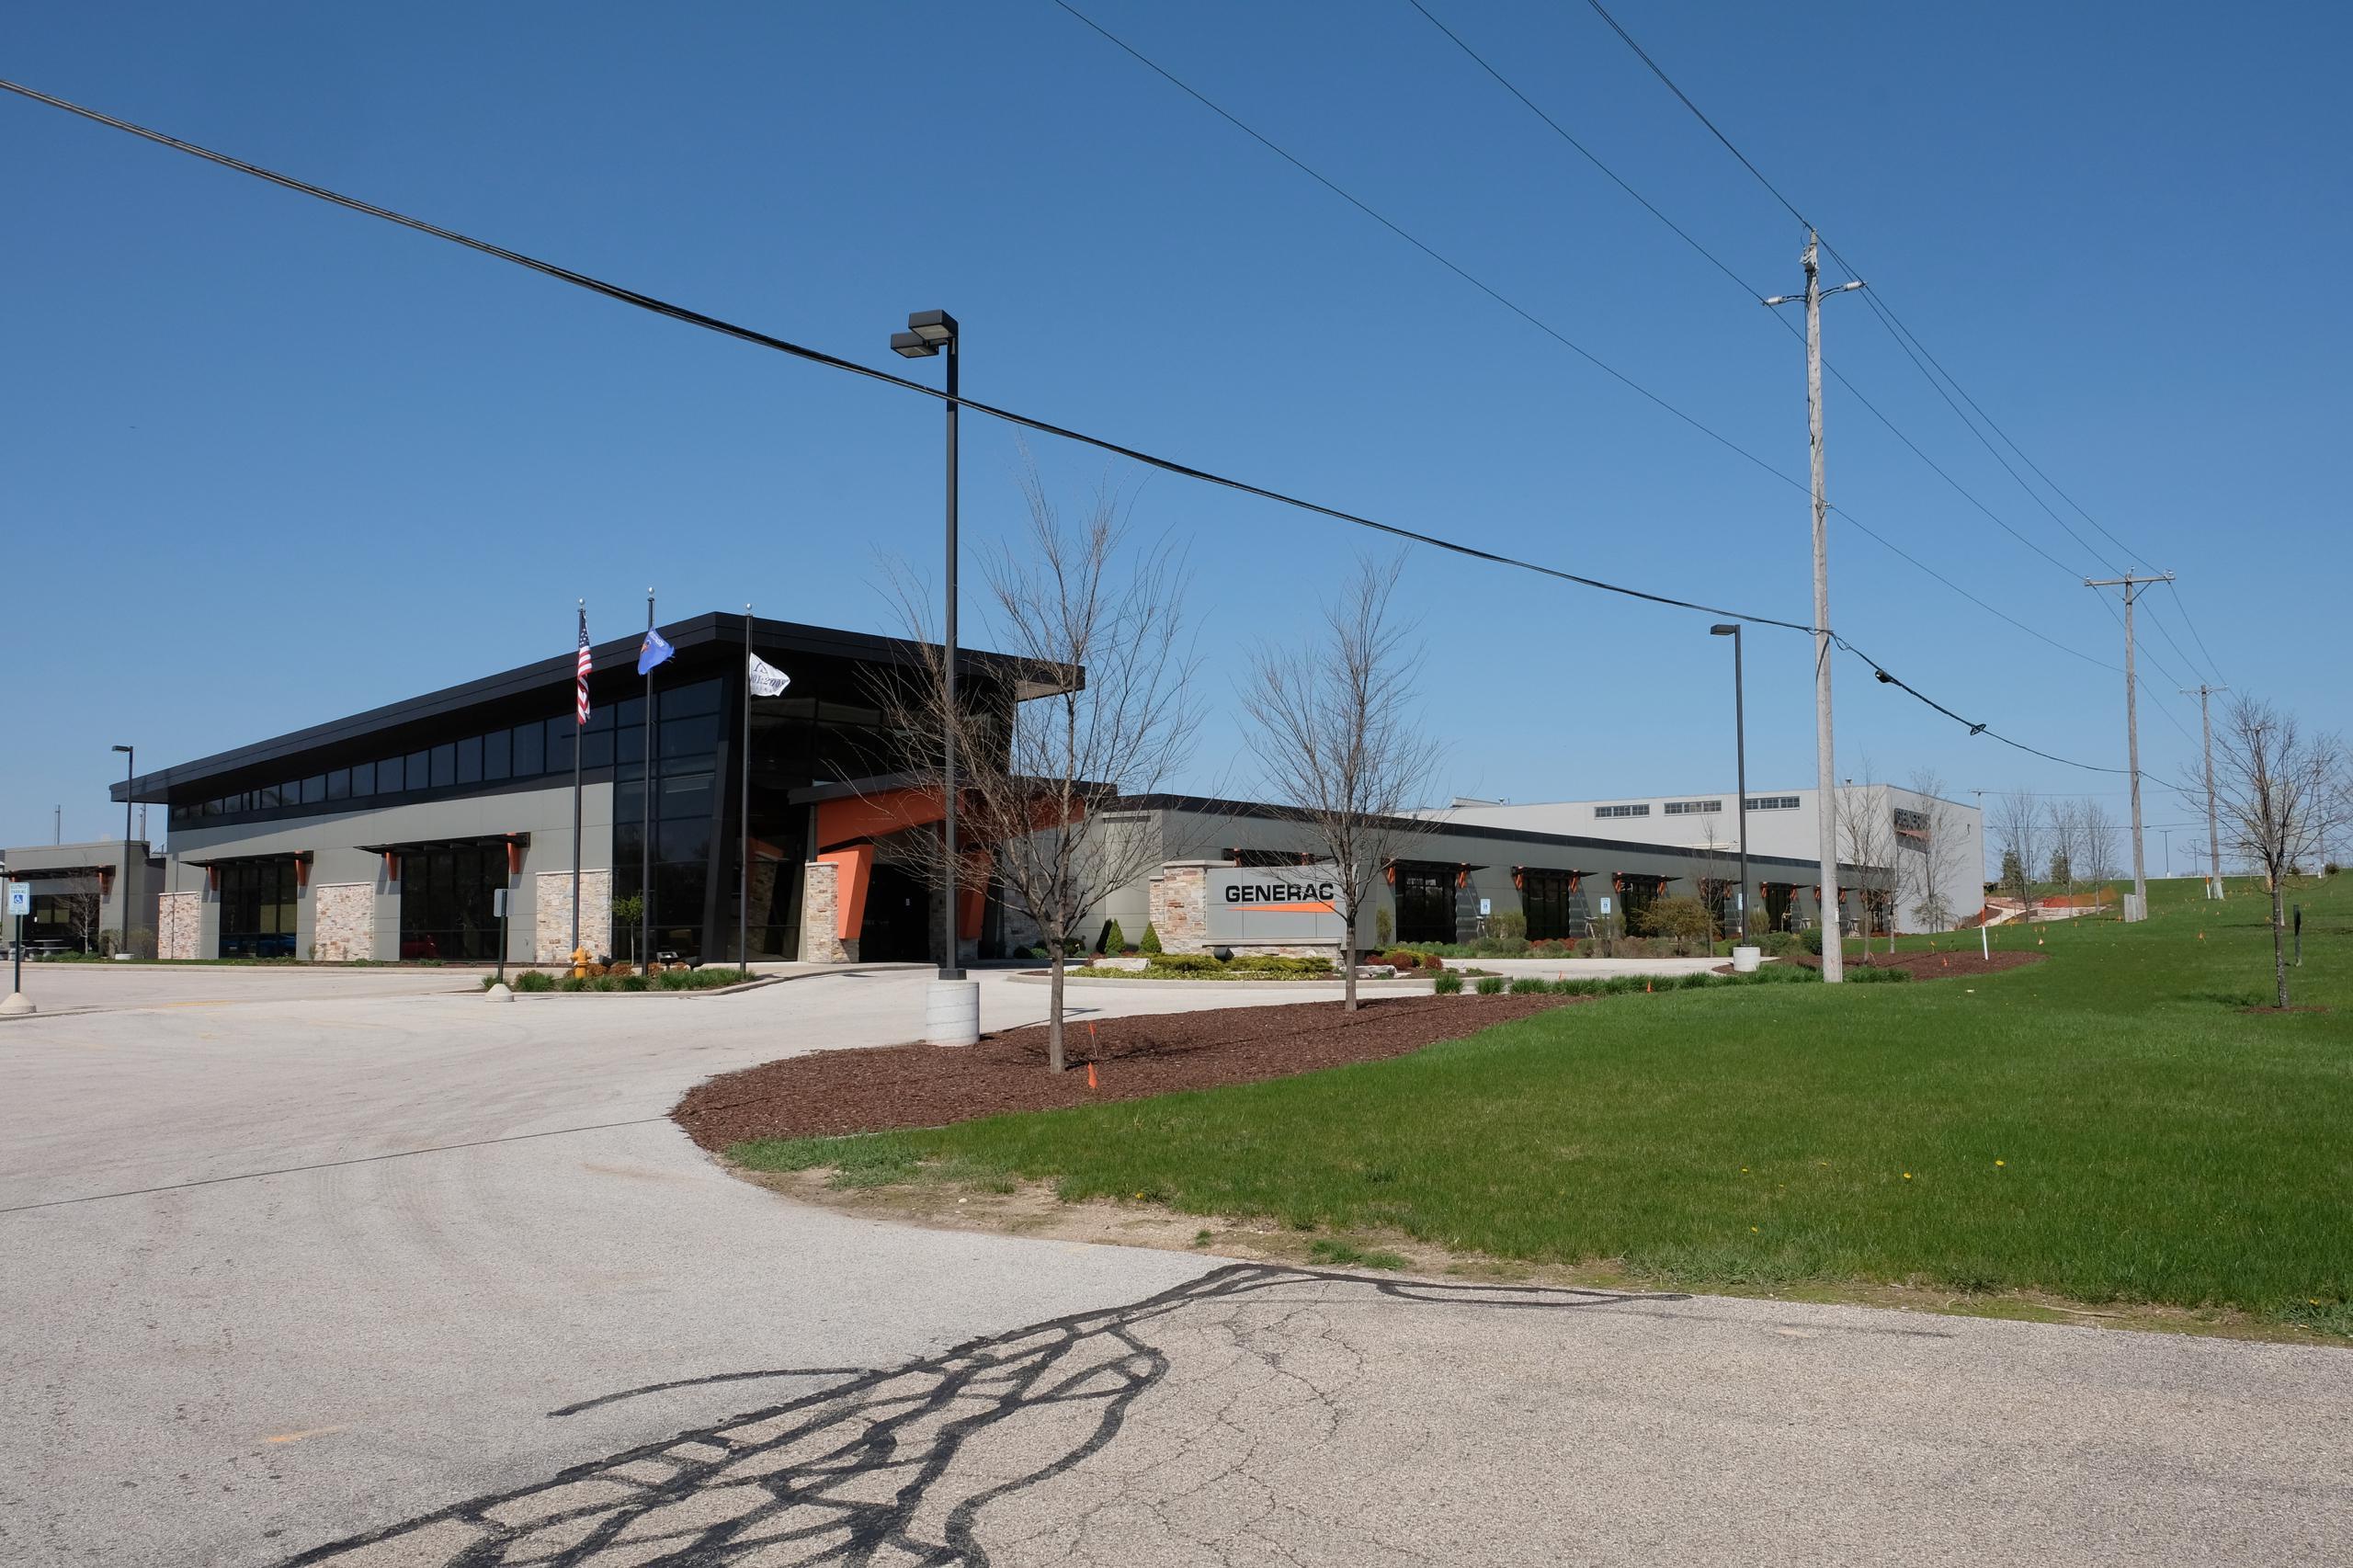 Generac Holdings' corporate headquarters in Waukesha, Wisconsin.